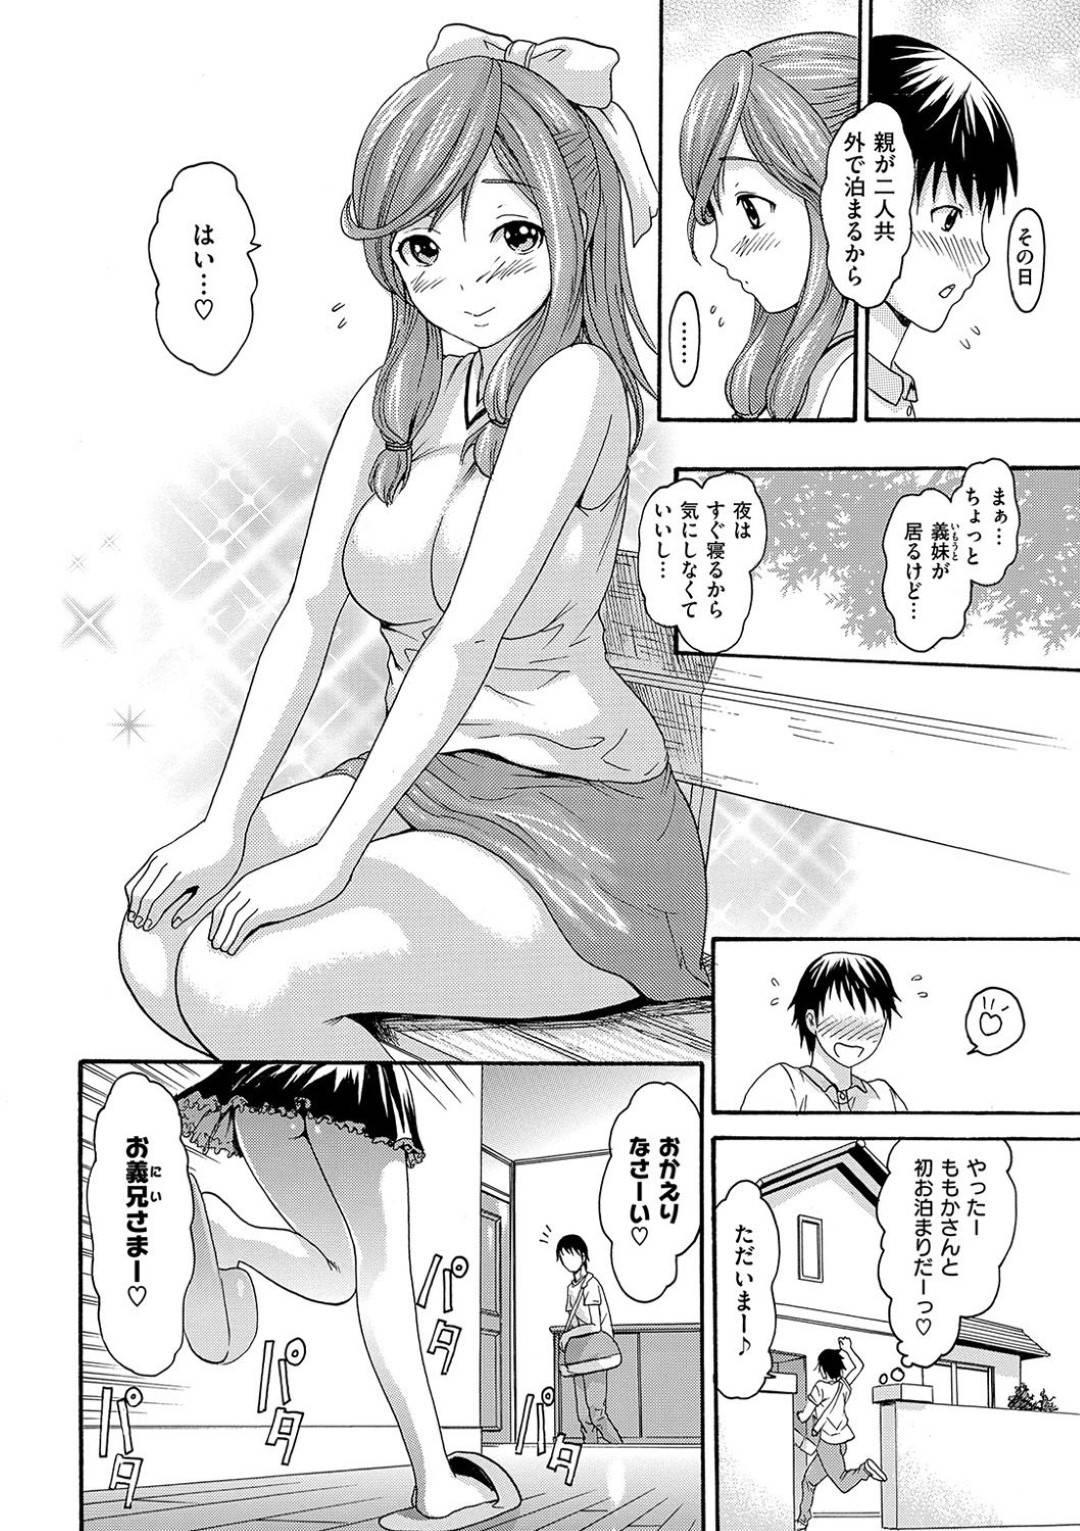 【エロ漫画】巨乳姉の彼氏と一線を越えてしまったちっパイ妹…彼の本心に気付き姉がテニスを楽しむ近くで中出しセックス!【いーむす・アキ】